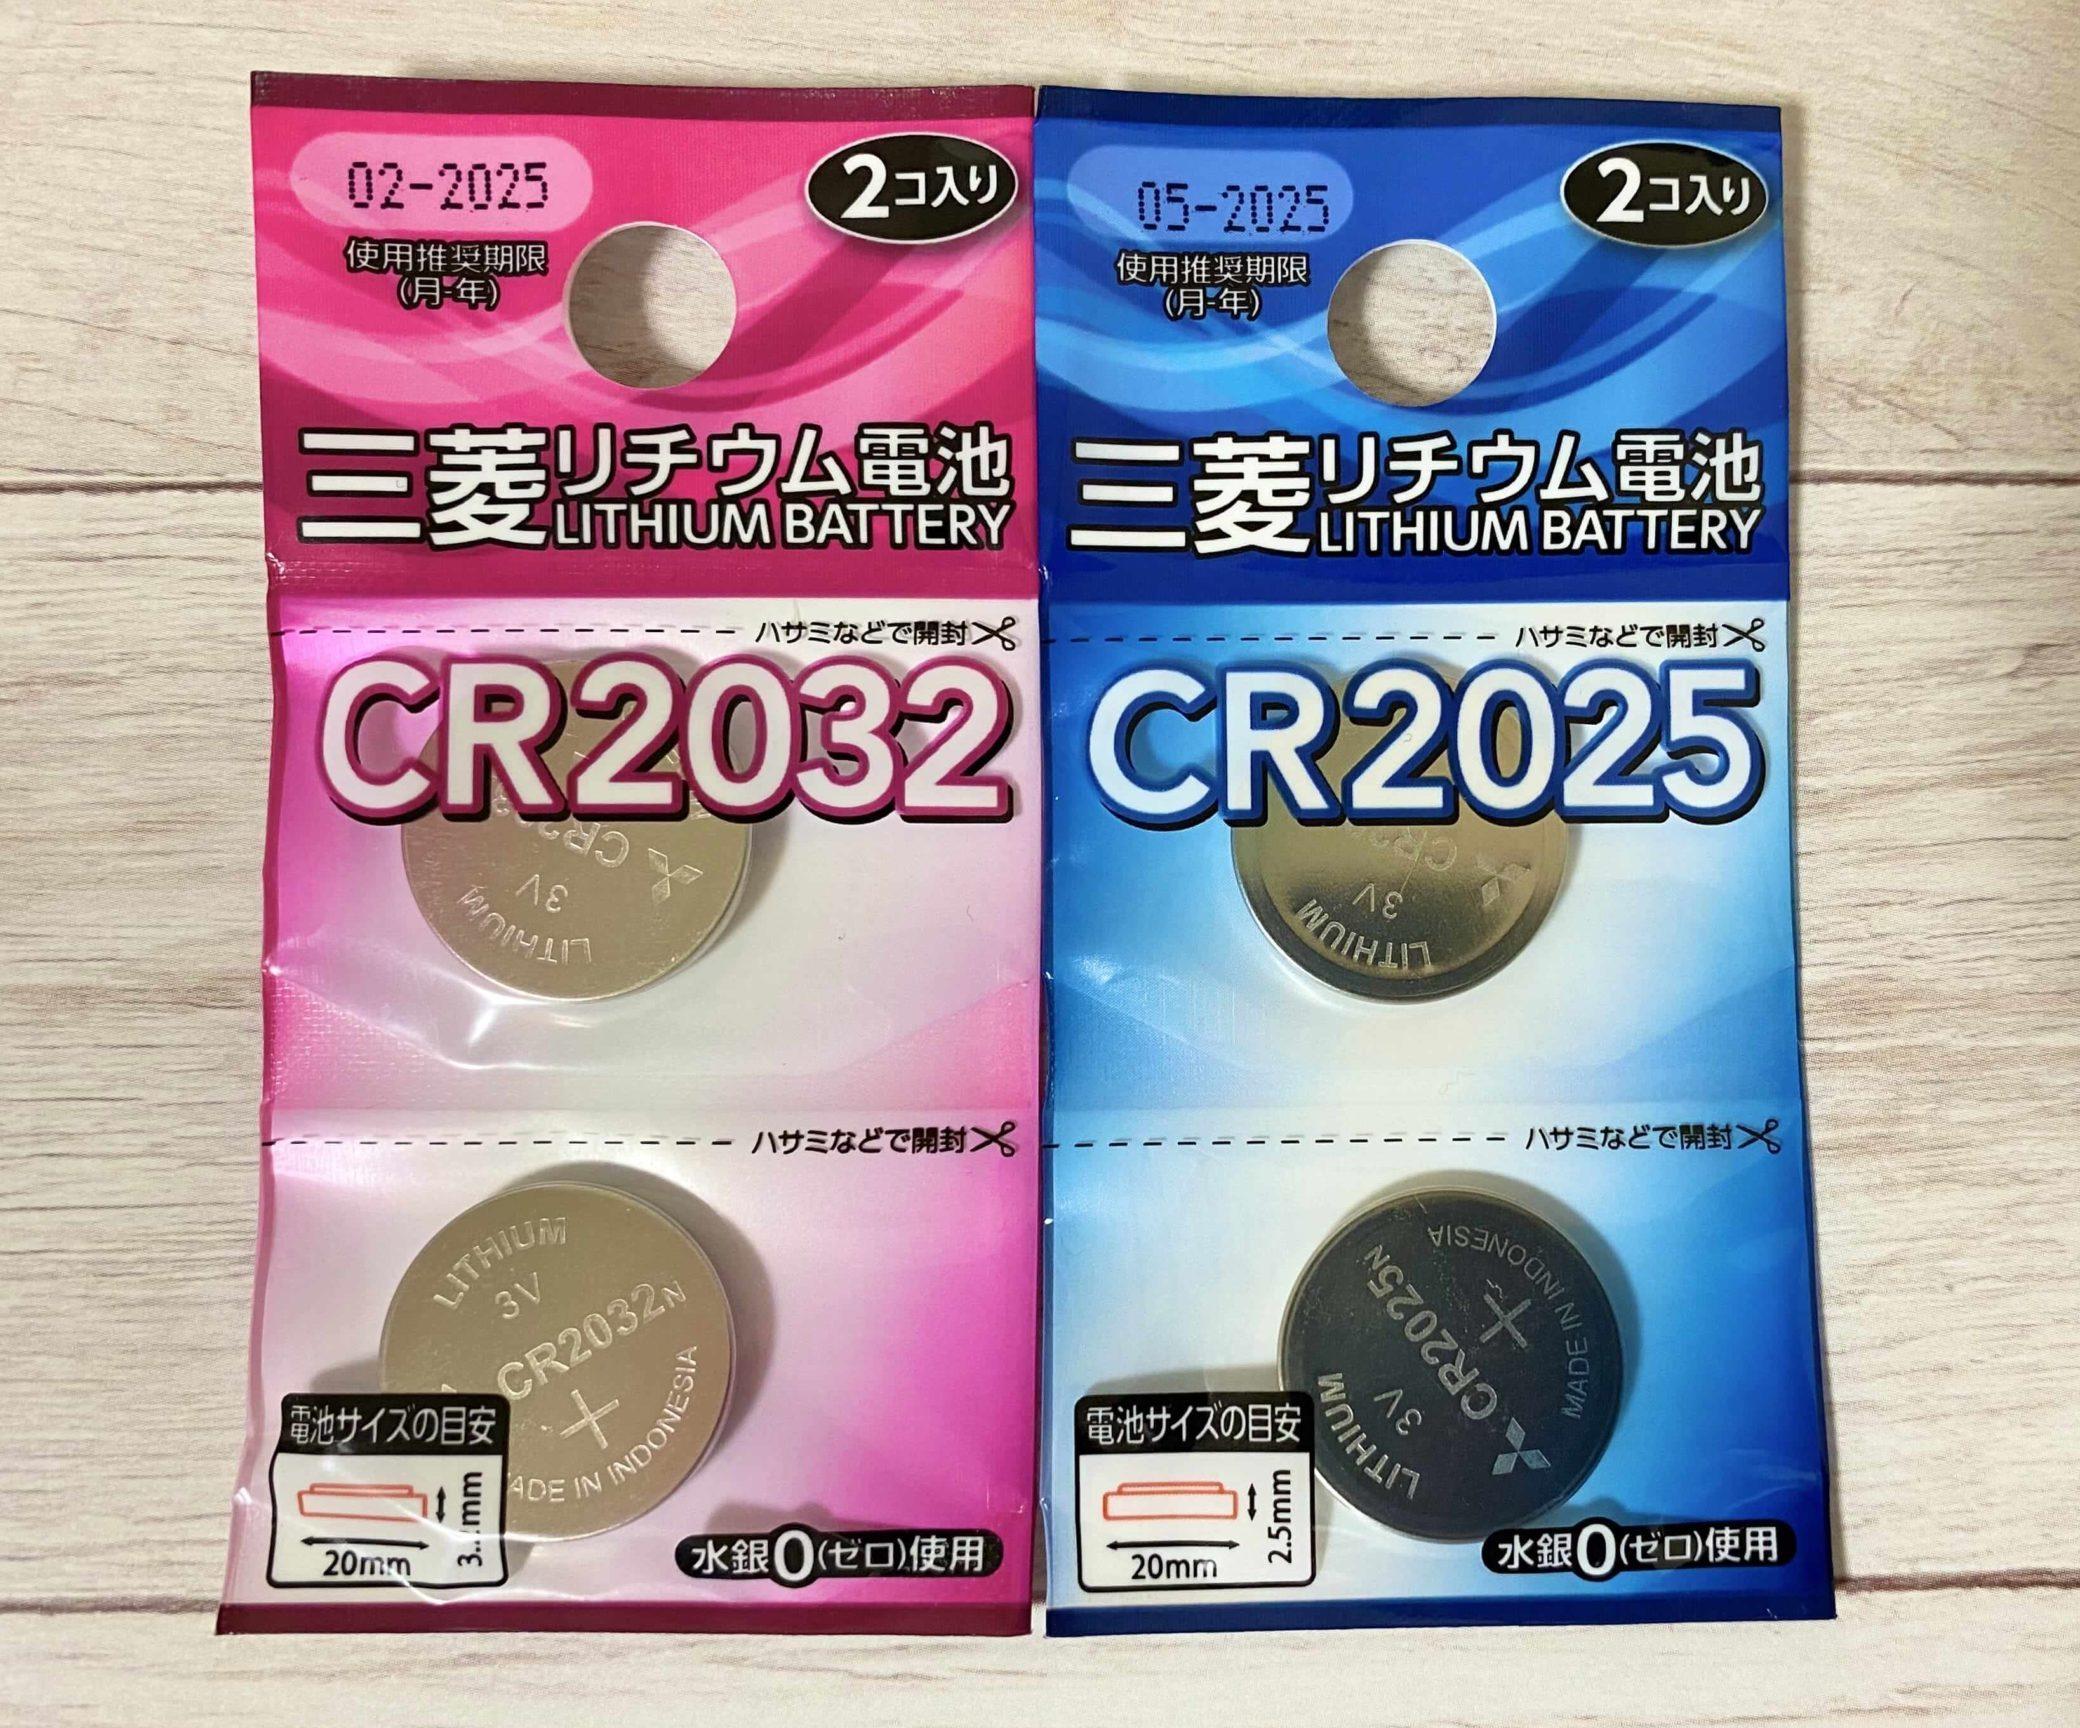 CR2032とCR2025のパッケージの違い